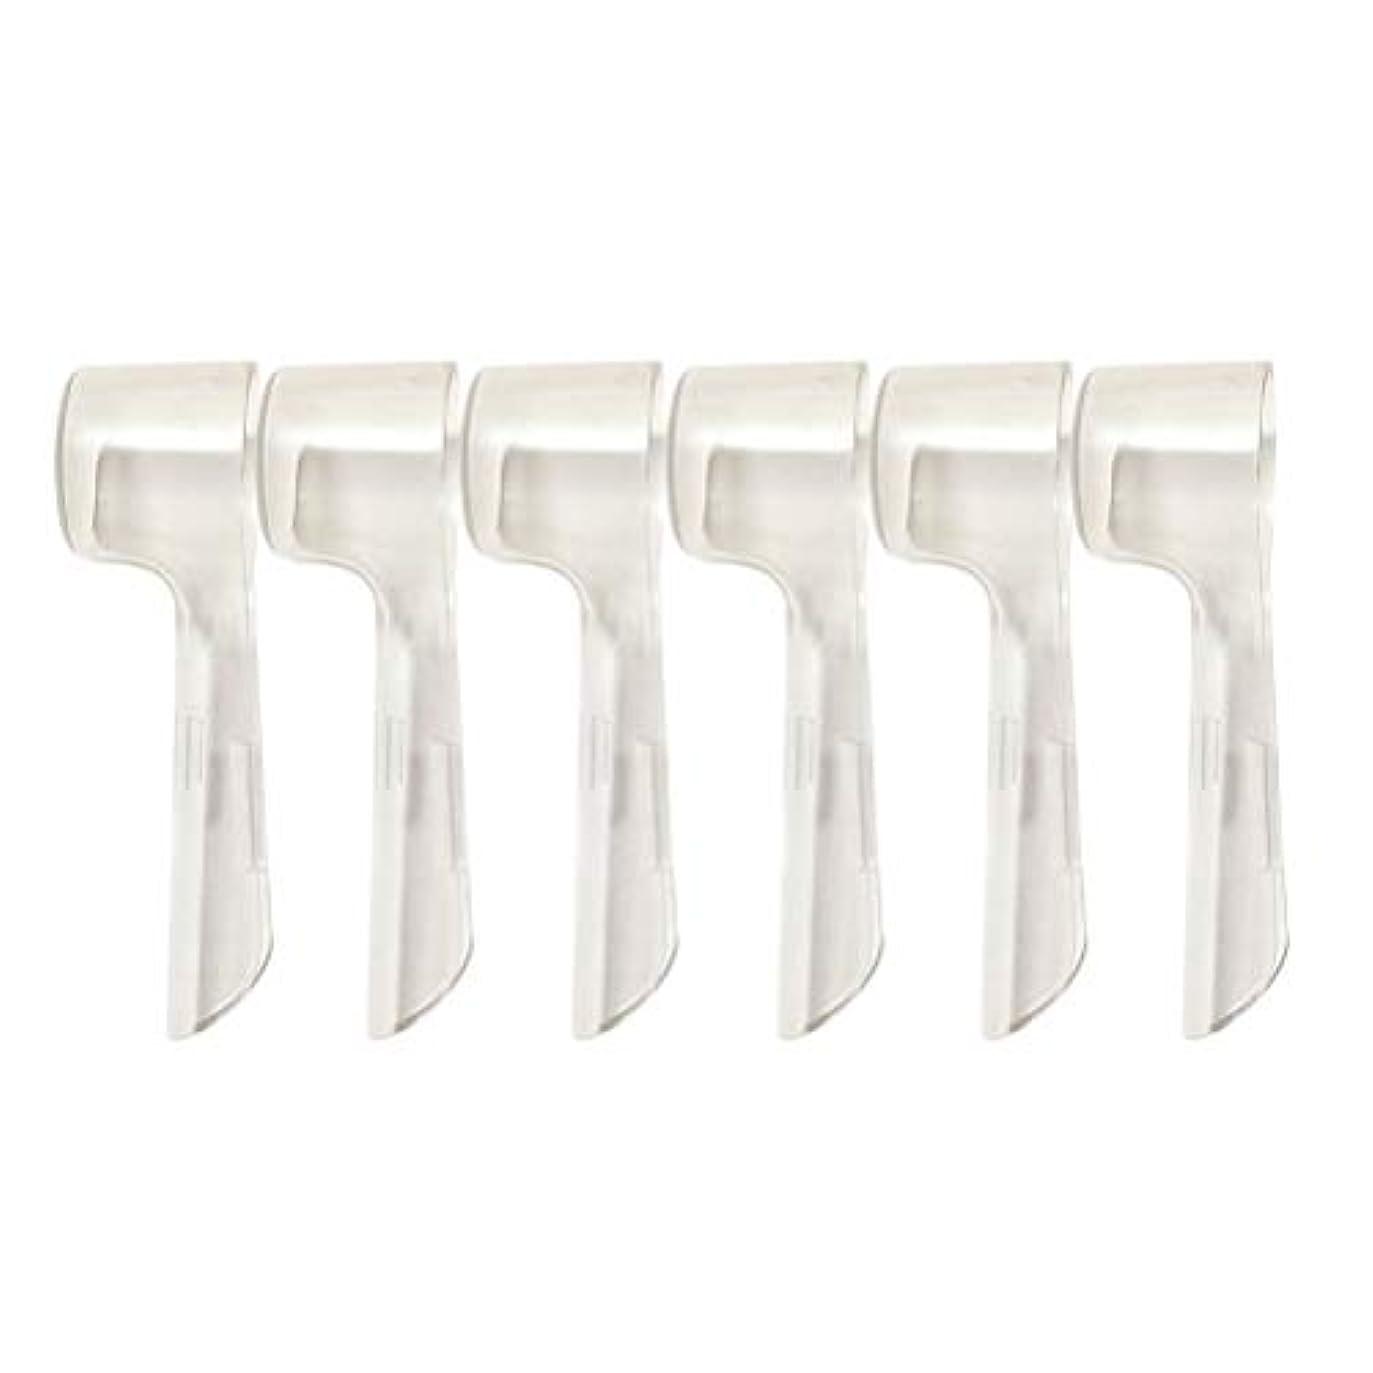 振る入札シェアHealifty 10本の歯ブラシカバー電動歯ブラシは旅行やその他の衛生に便利です。